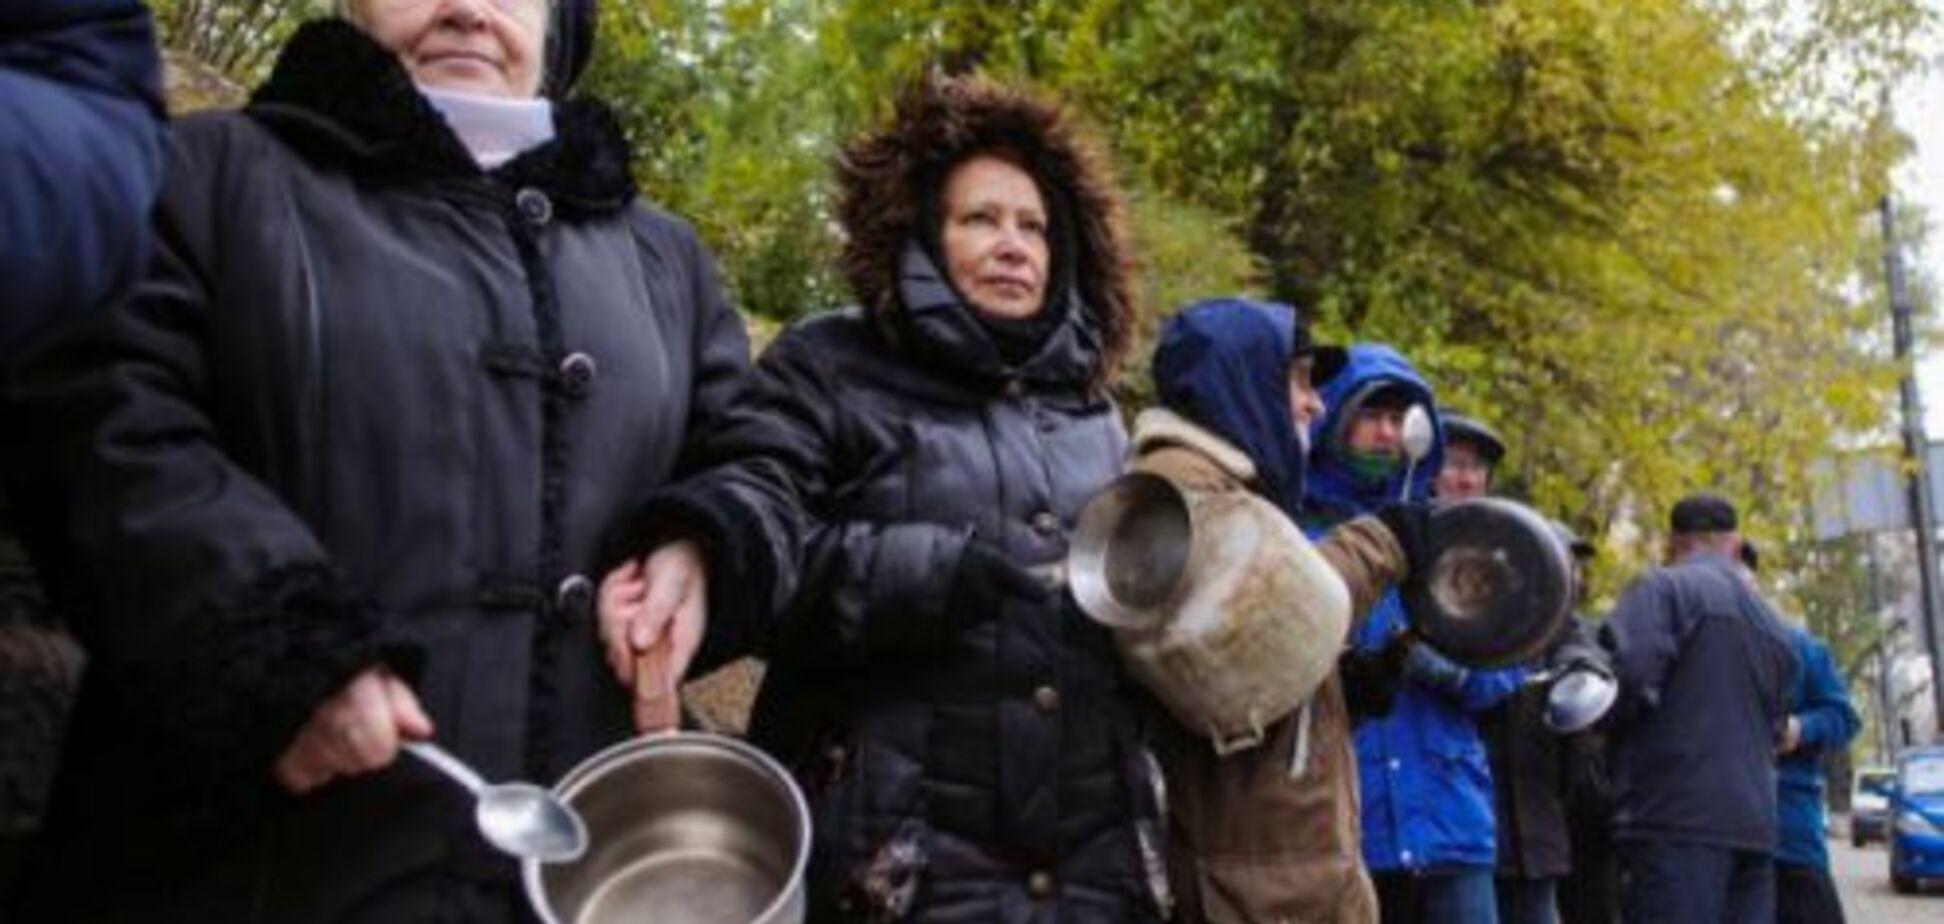 Холодильник проигрывает телевизору: экс-пленница рассказала, что сдерживает 'ЛНР' от бунта